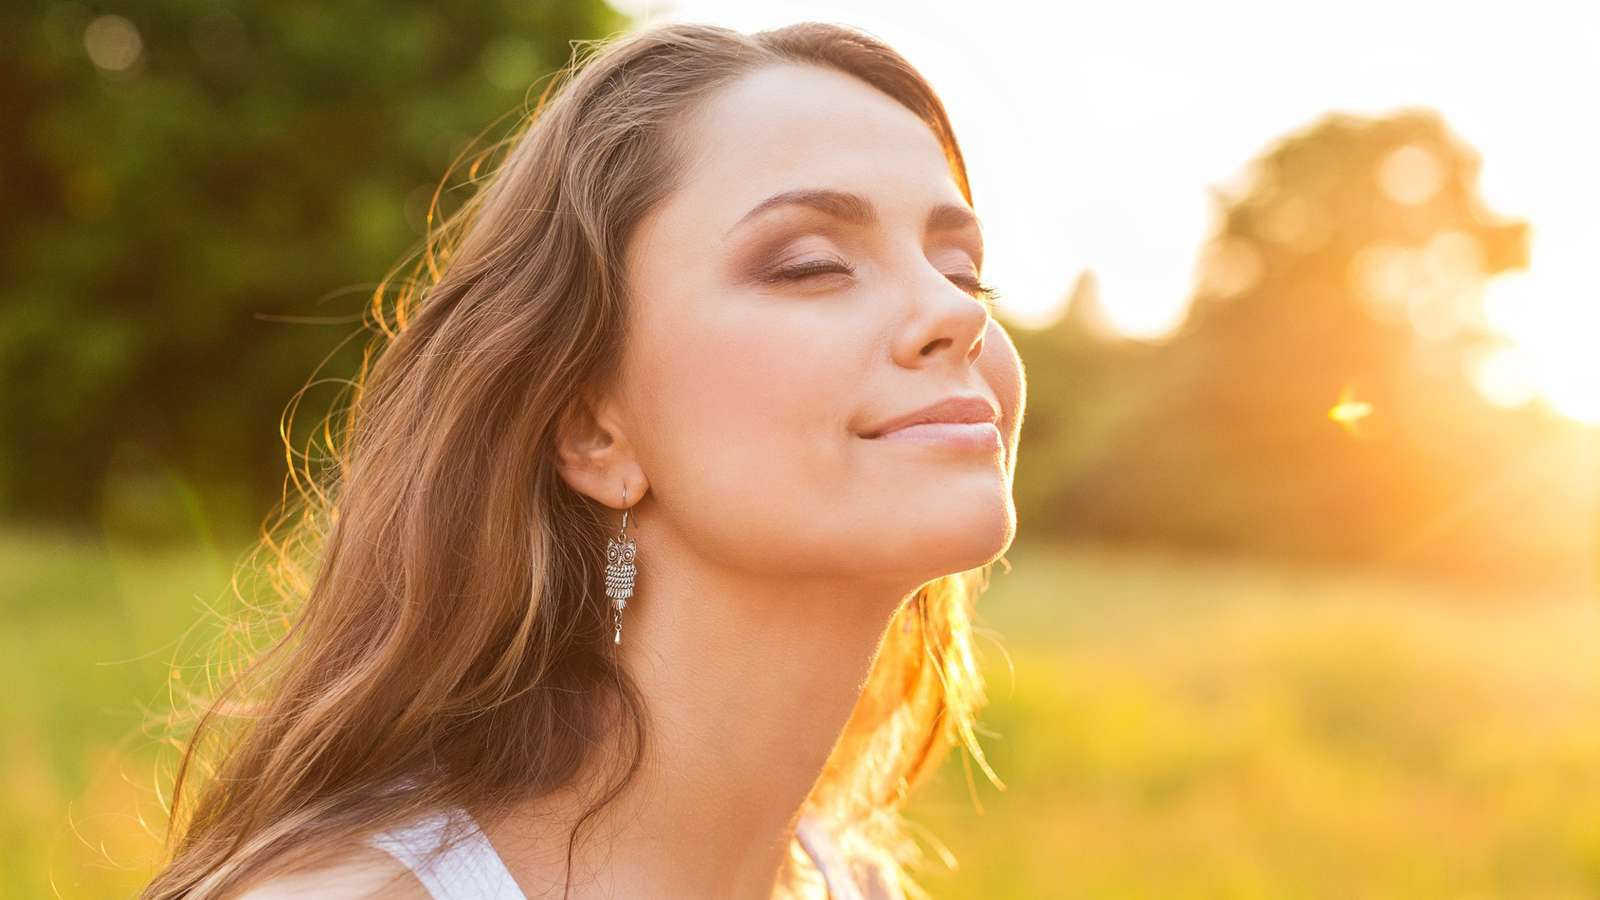 Schöne Frau - Schöne Haut - Mit diesen Tipps für gesunde und schöne Hau